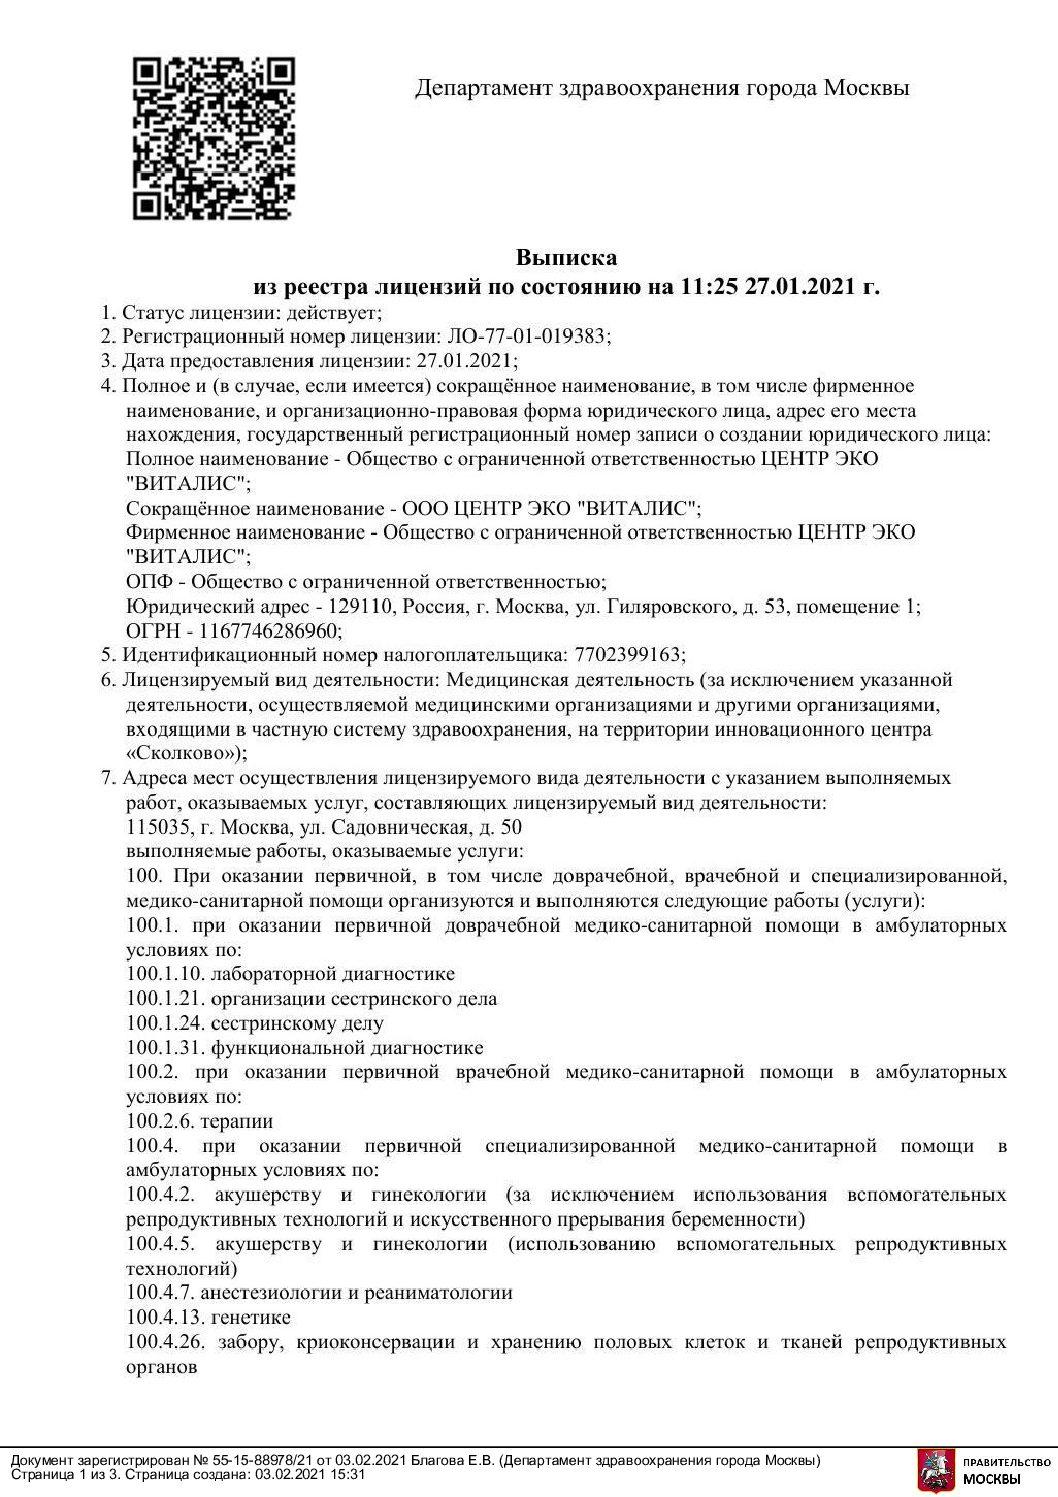 Vypiska Litsenzii 27.01.2021 Pdf